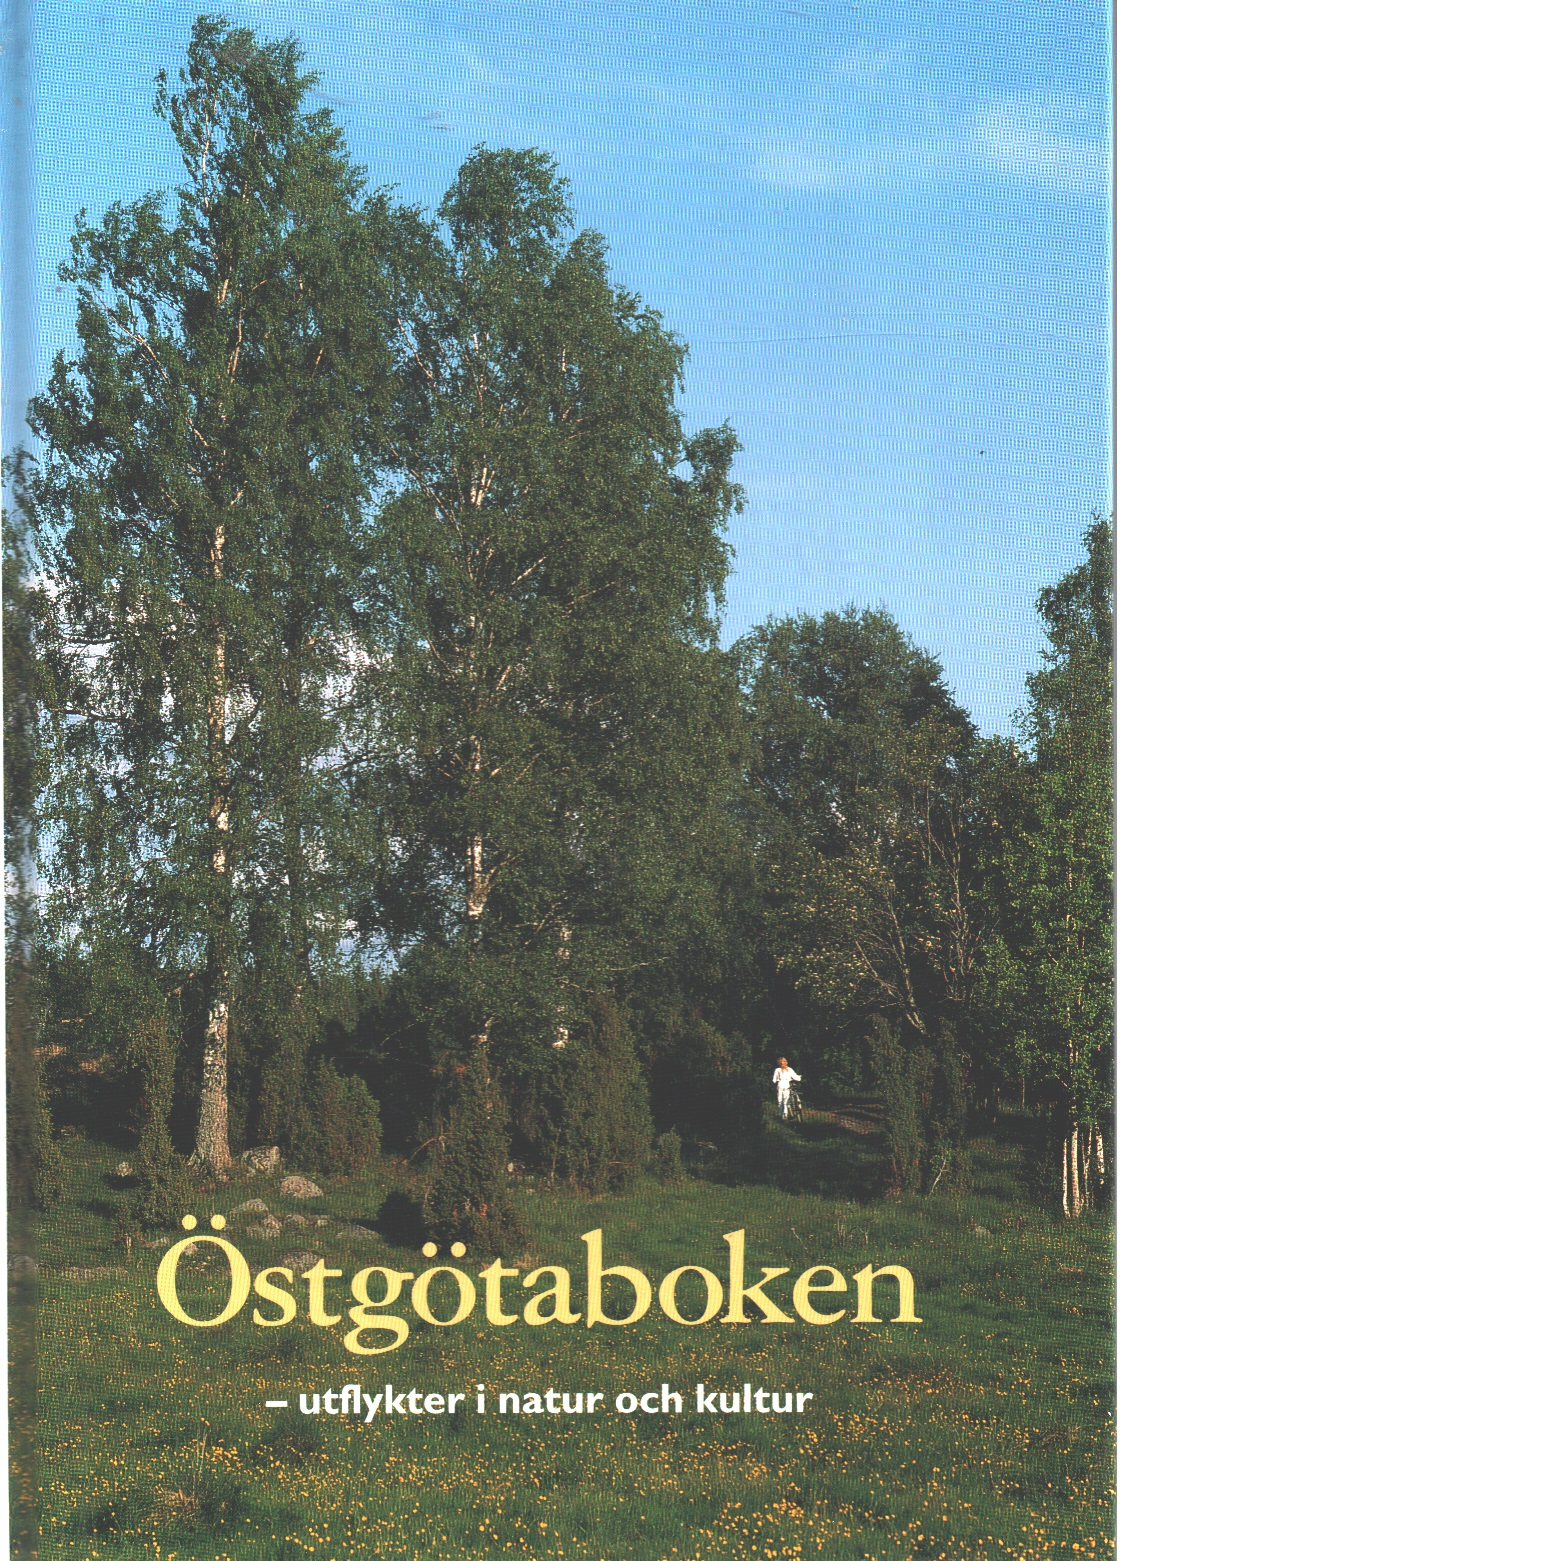 Östgötaboken : utflykter i natur och kultur - Engberg, Magnus Och Bergengren, Göran Samt Kempe, Tord